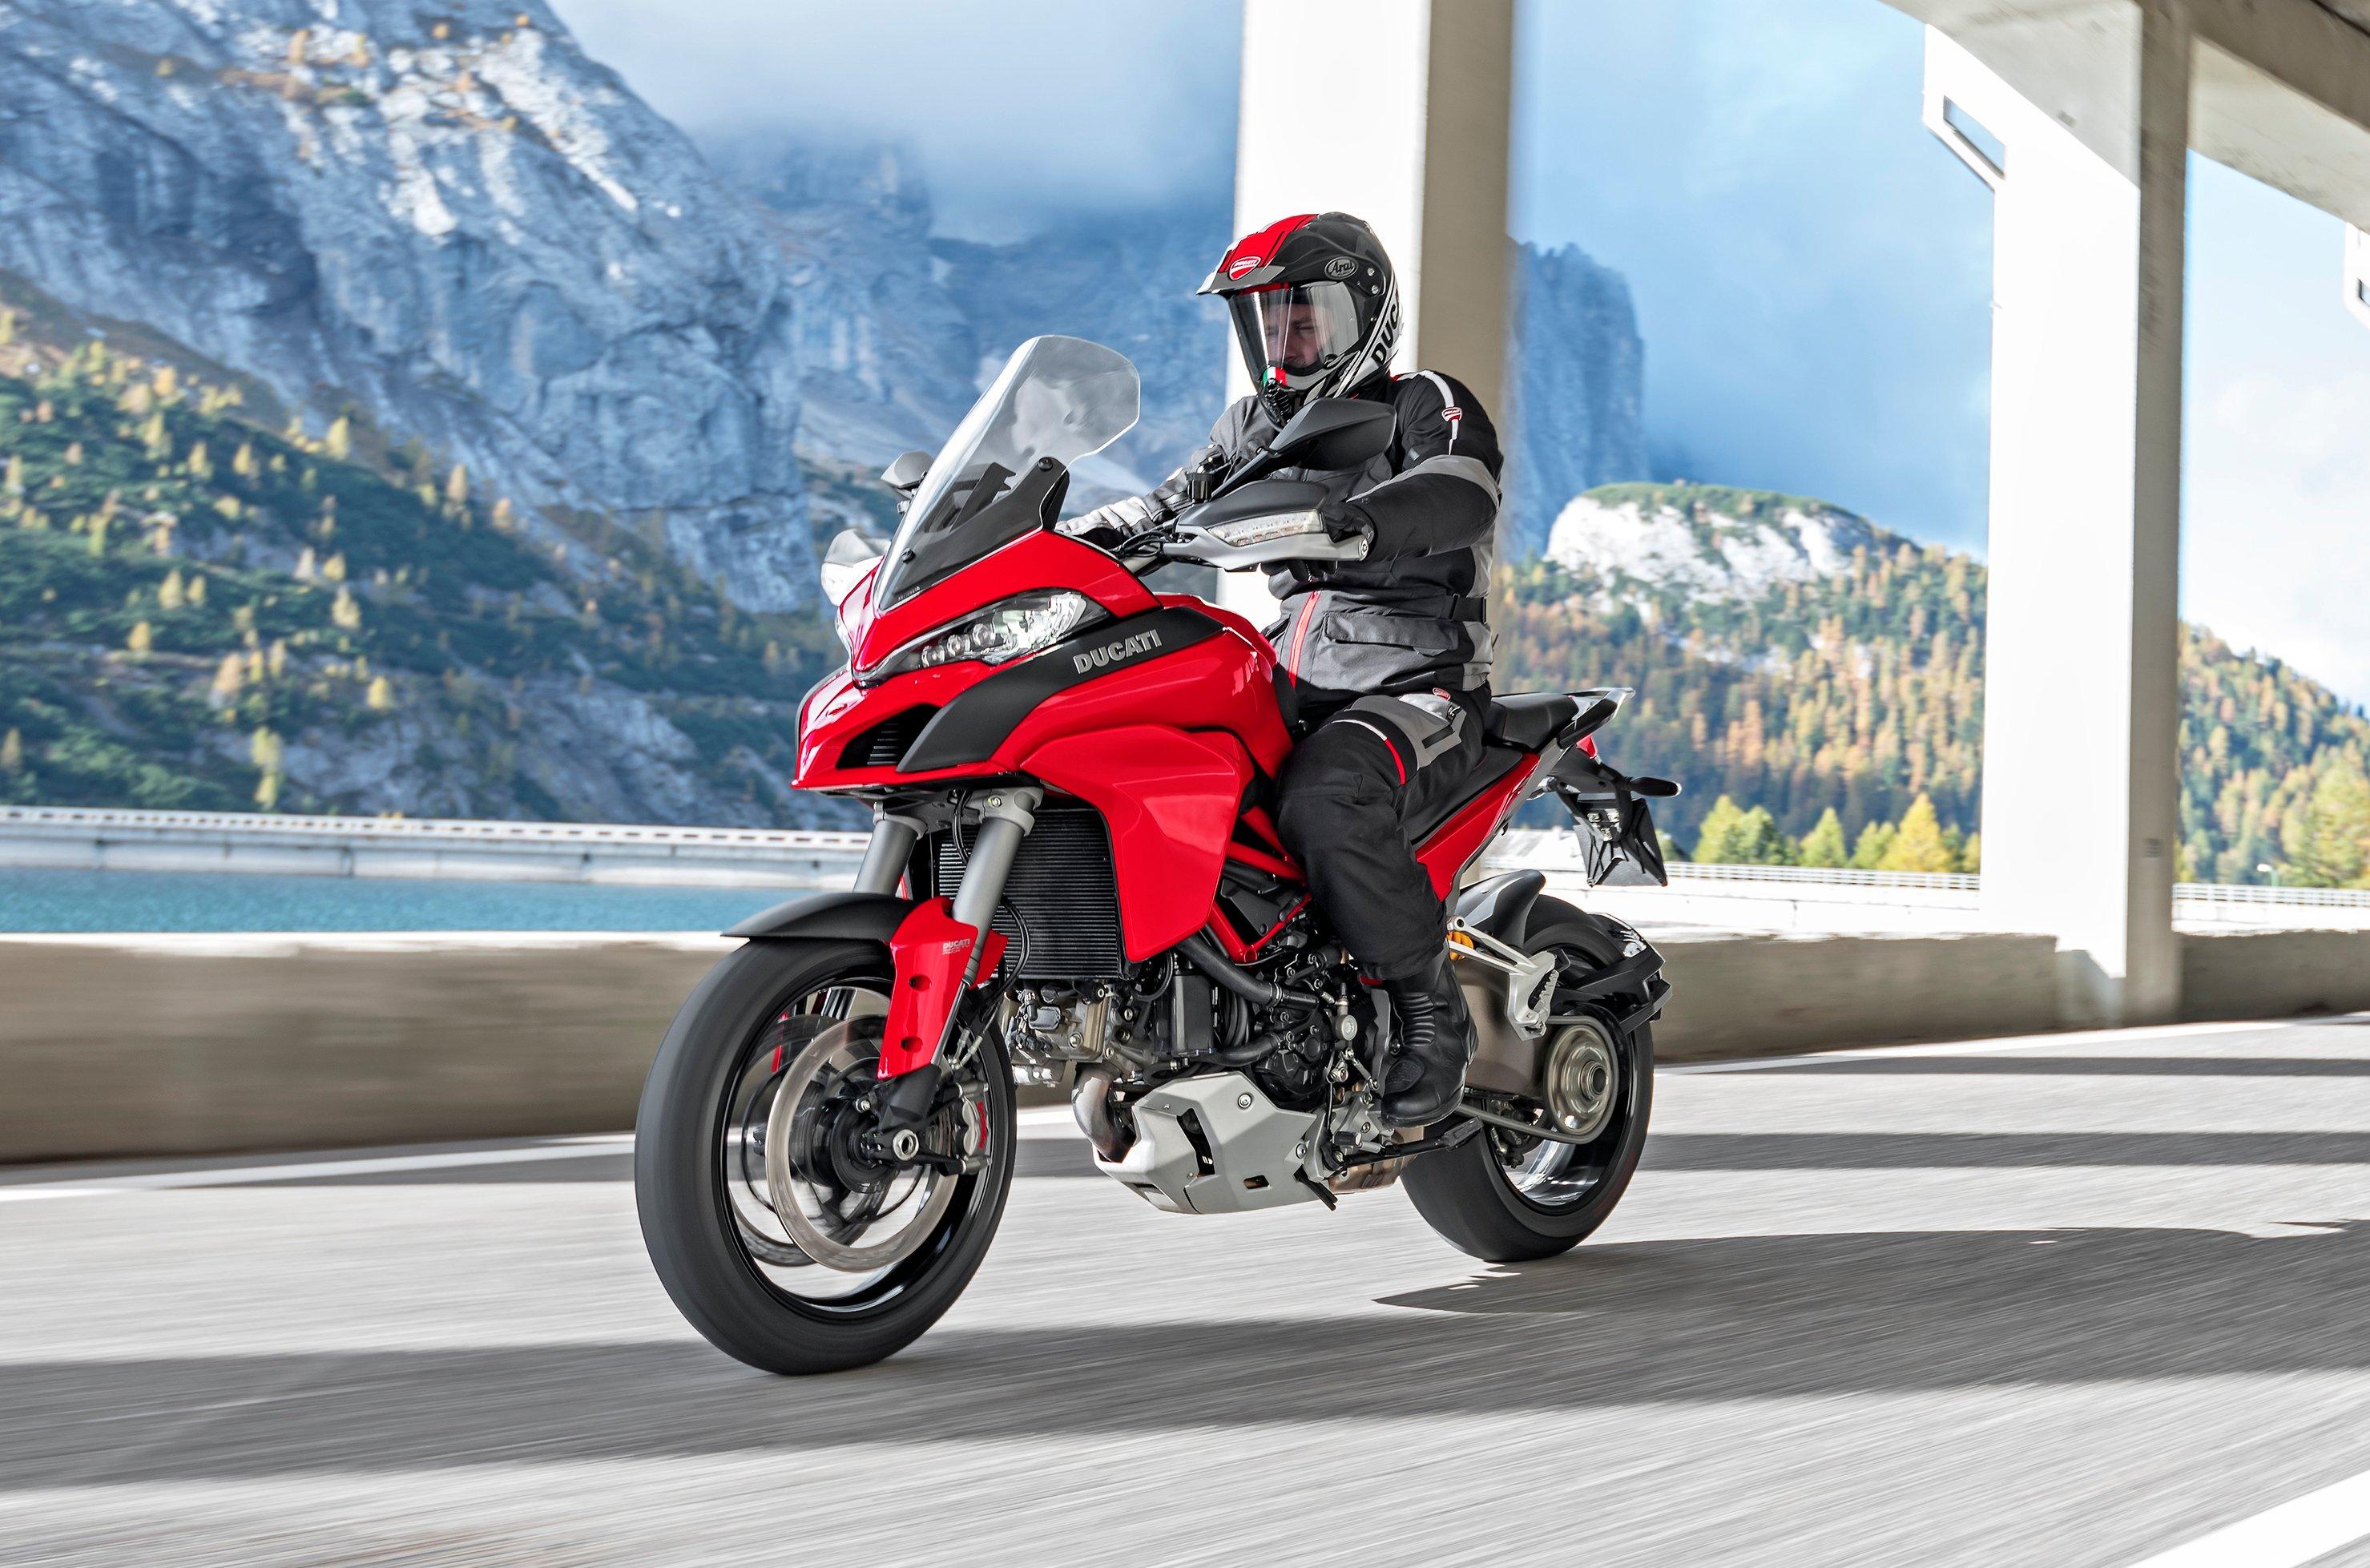 2018 Ducati Multistrada 1260 Gets 1 262 Cc V Twin